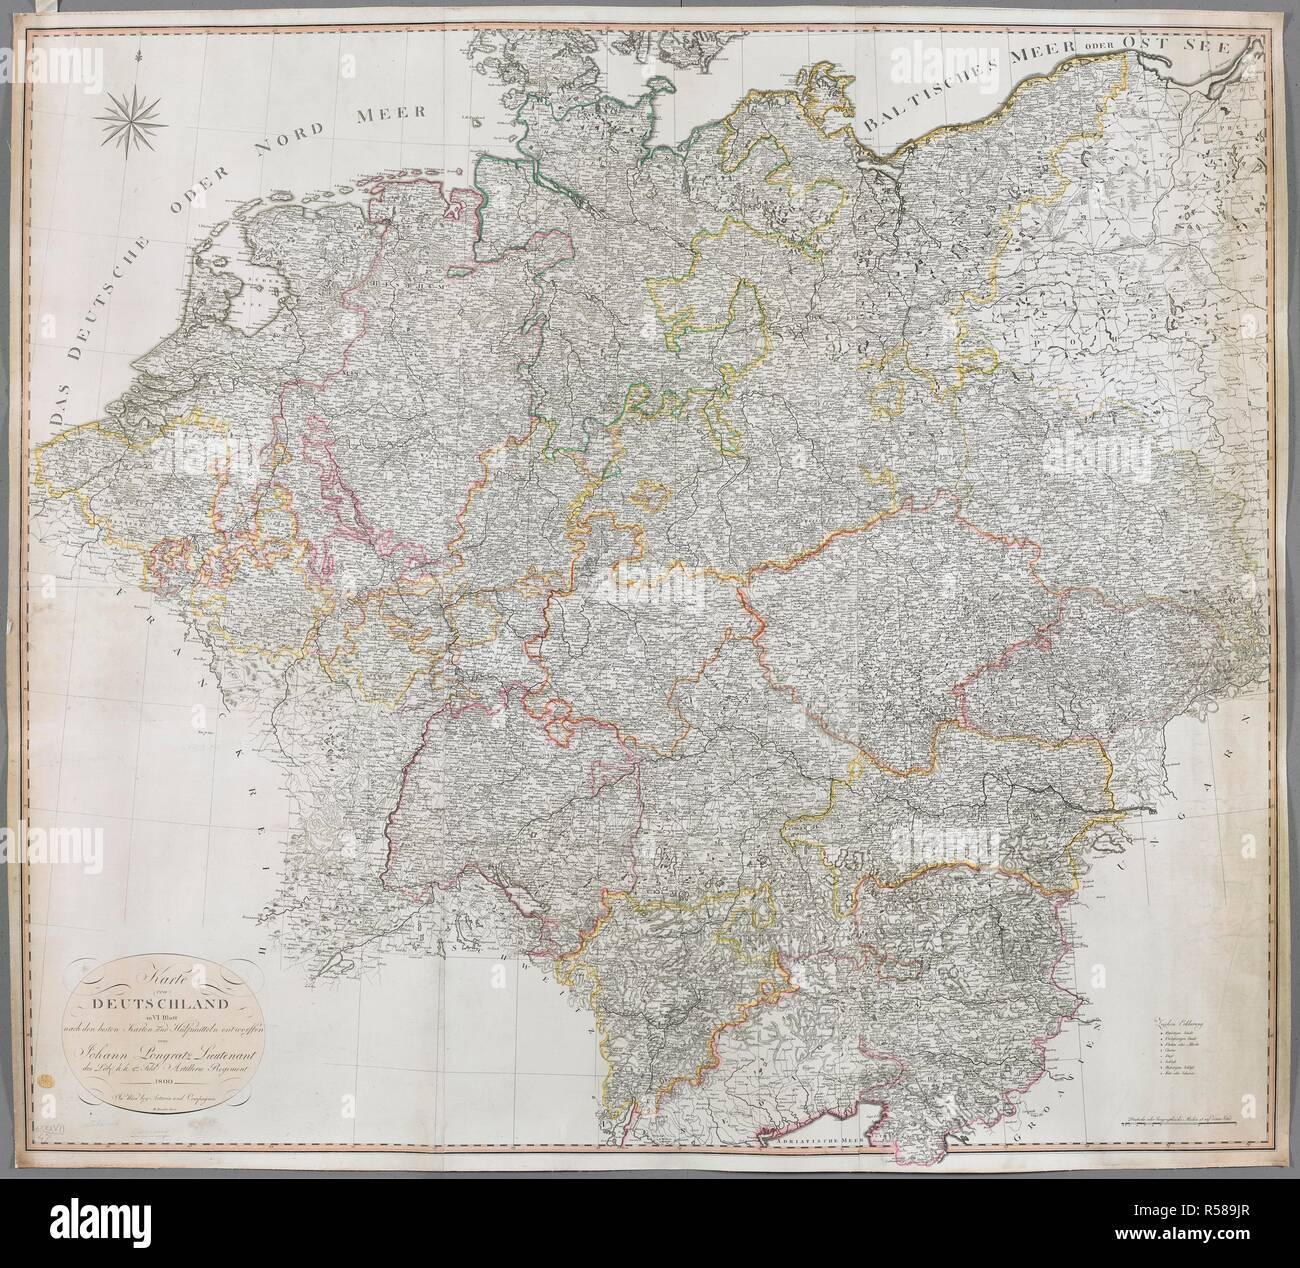 A map of Germany. Karte von DEUTSCHLAND in VI Blatt. In Wien ...